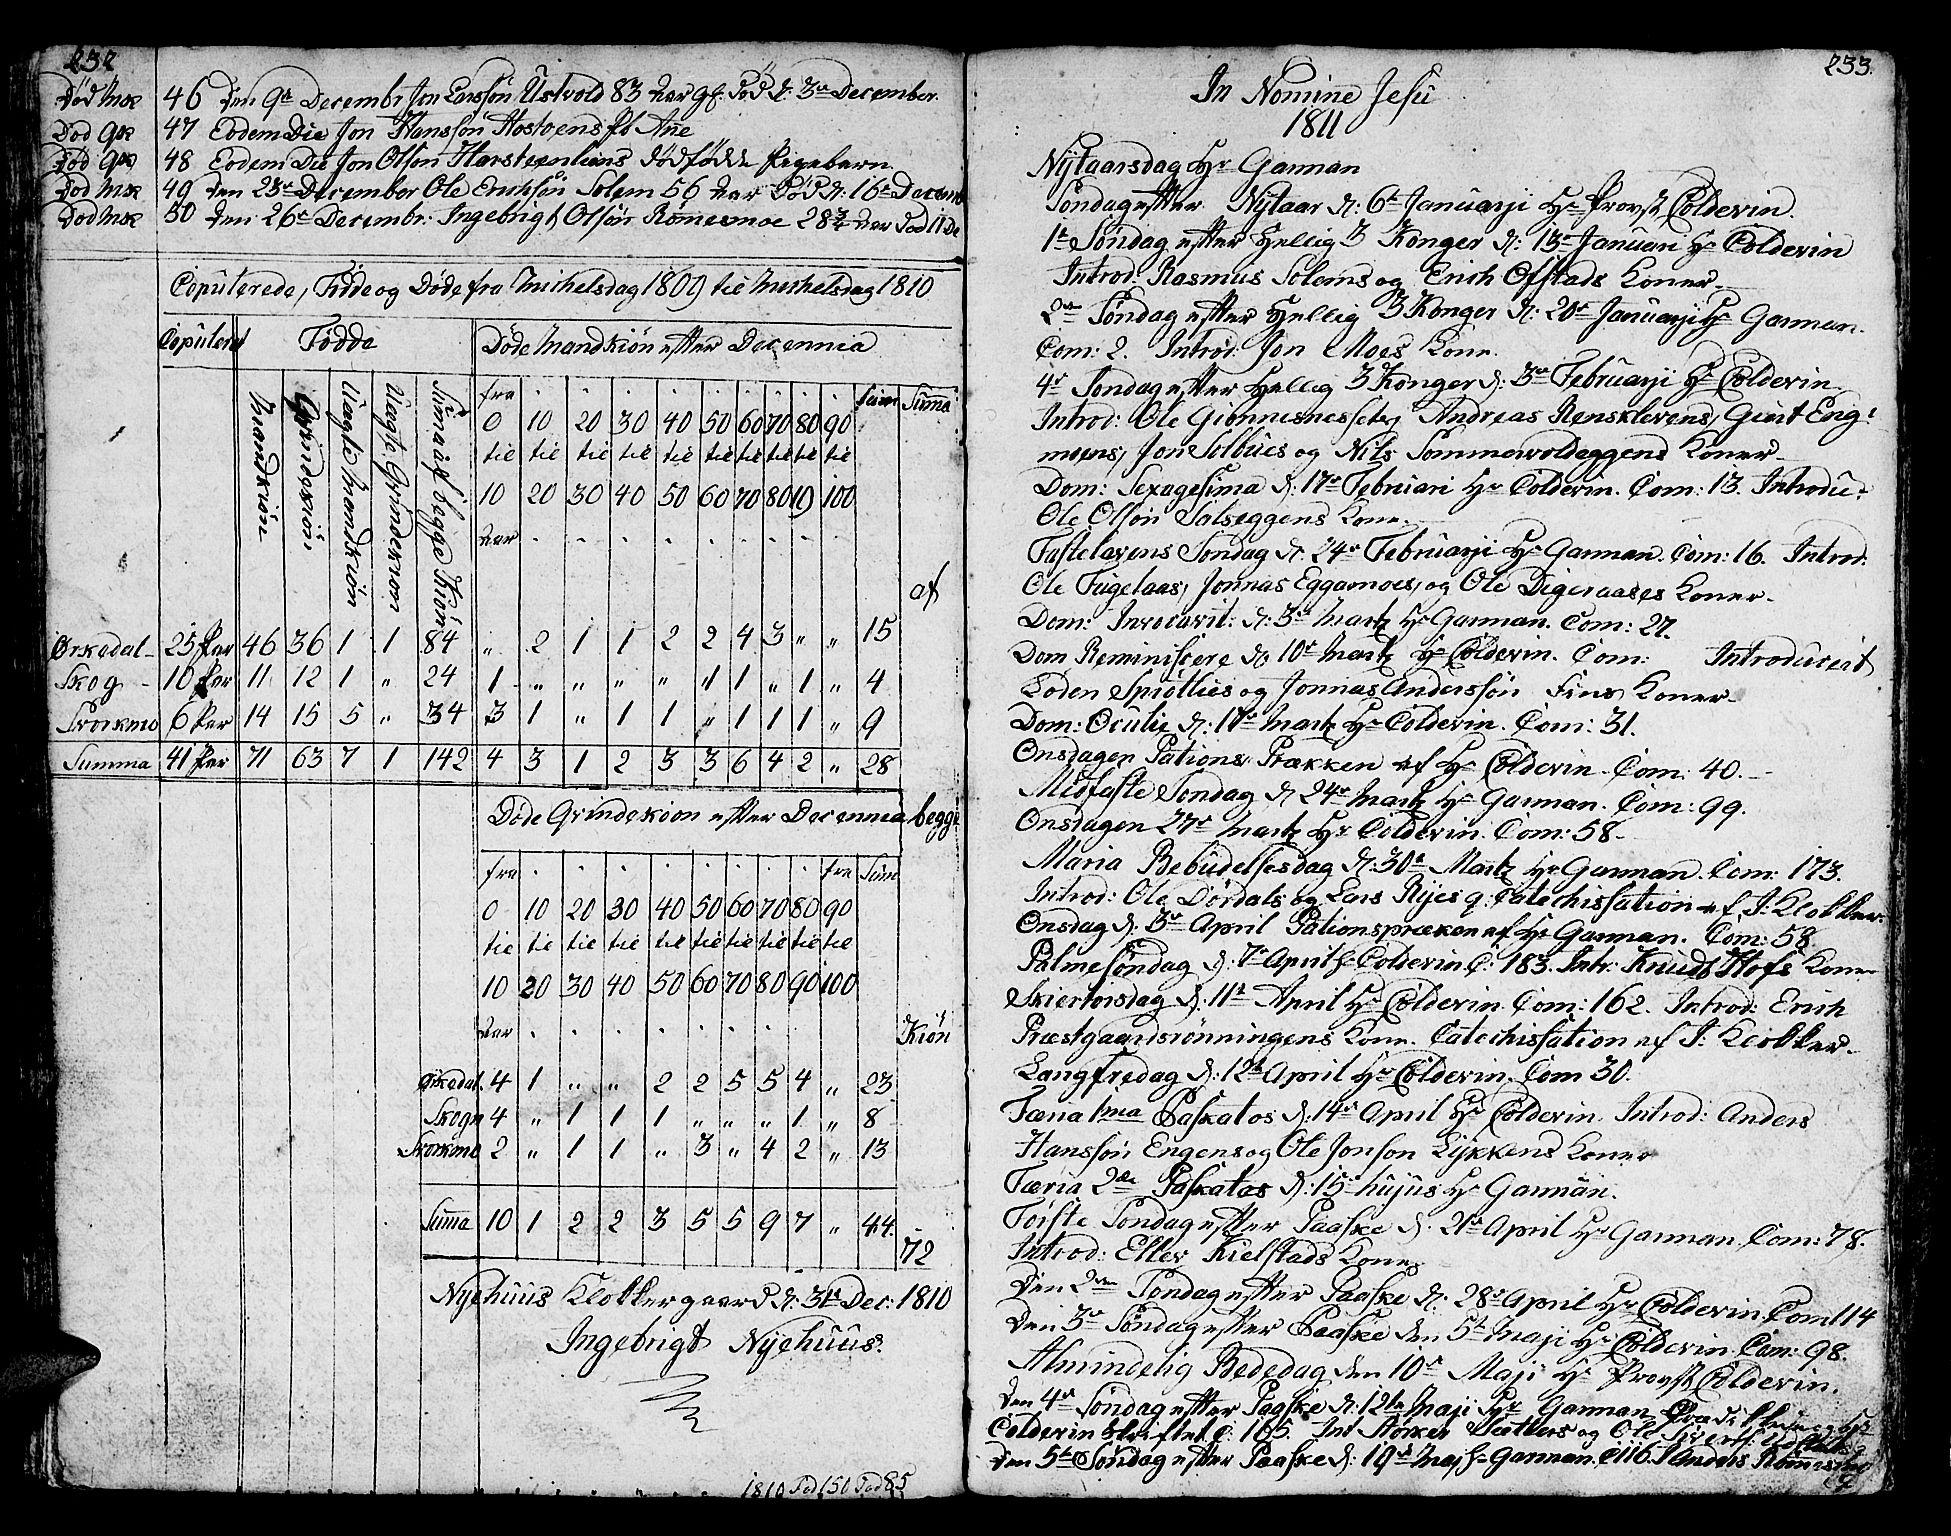 SAT, Ministerialprotokoller, klokkerbøker og fødselsregistre - Sør-Trøndelag, 668/L0815: Klokkerbok nr. 668C04, 1791-1815, s. 232-233